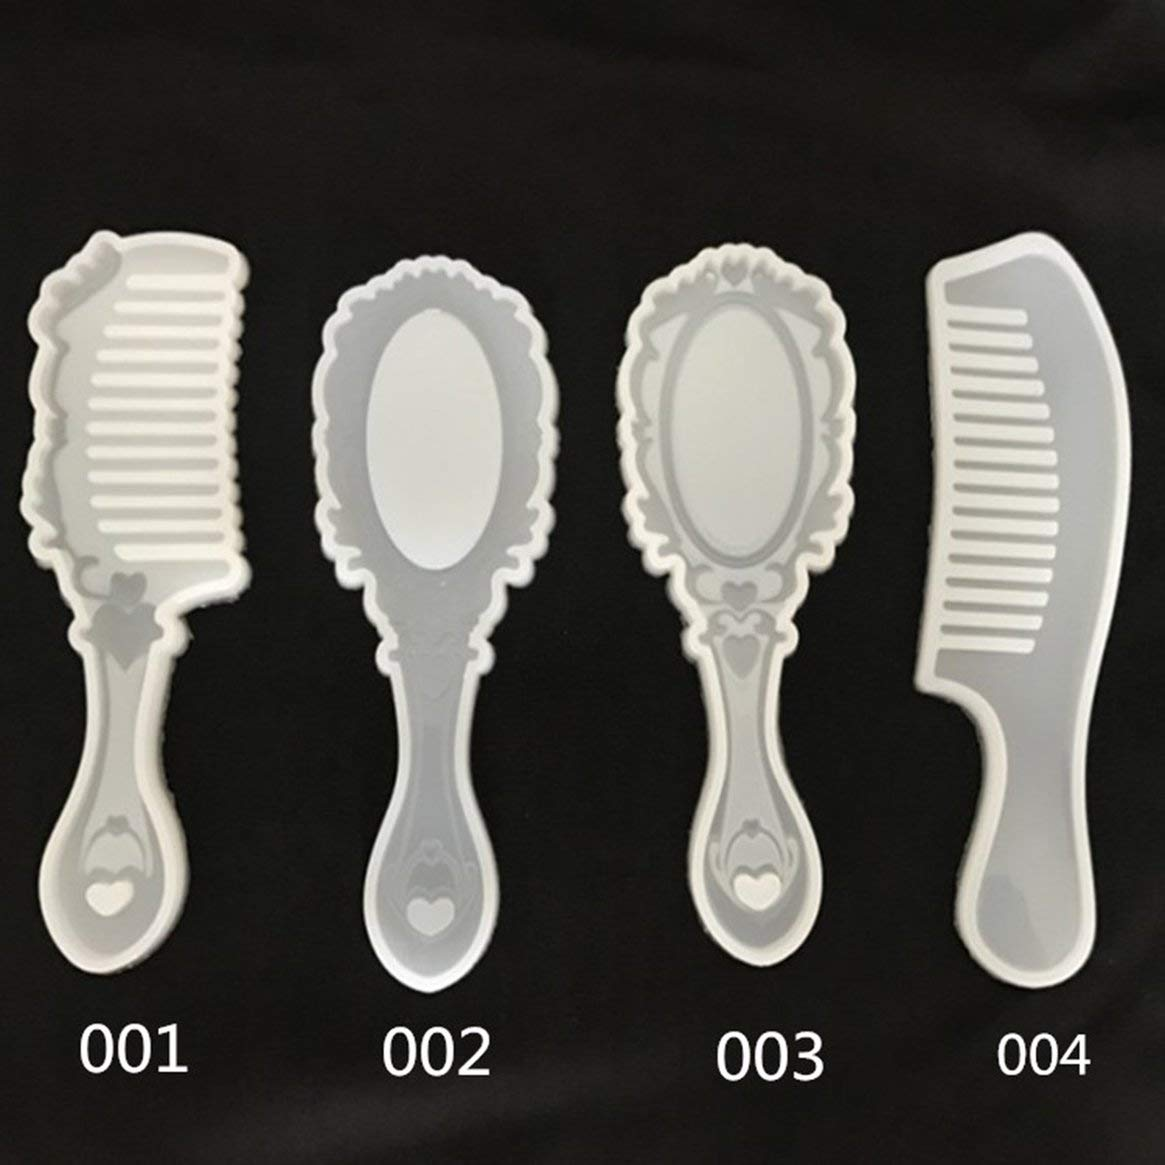 Delicacydex Non-Toxique Conception Peigne S/érie Silicone Moule R/ésine /Époxy Bijoux Fabrication Outils Cosm/étiques DIY Main Artisanat Moule